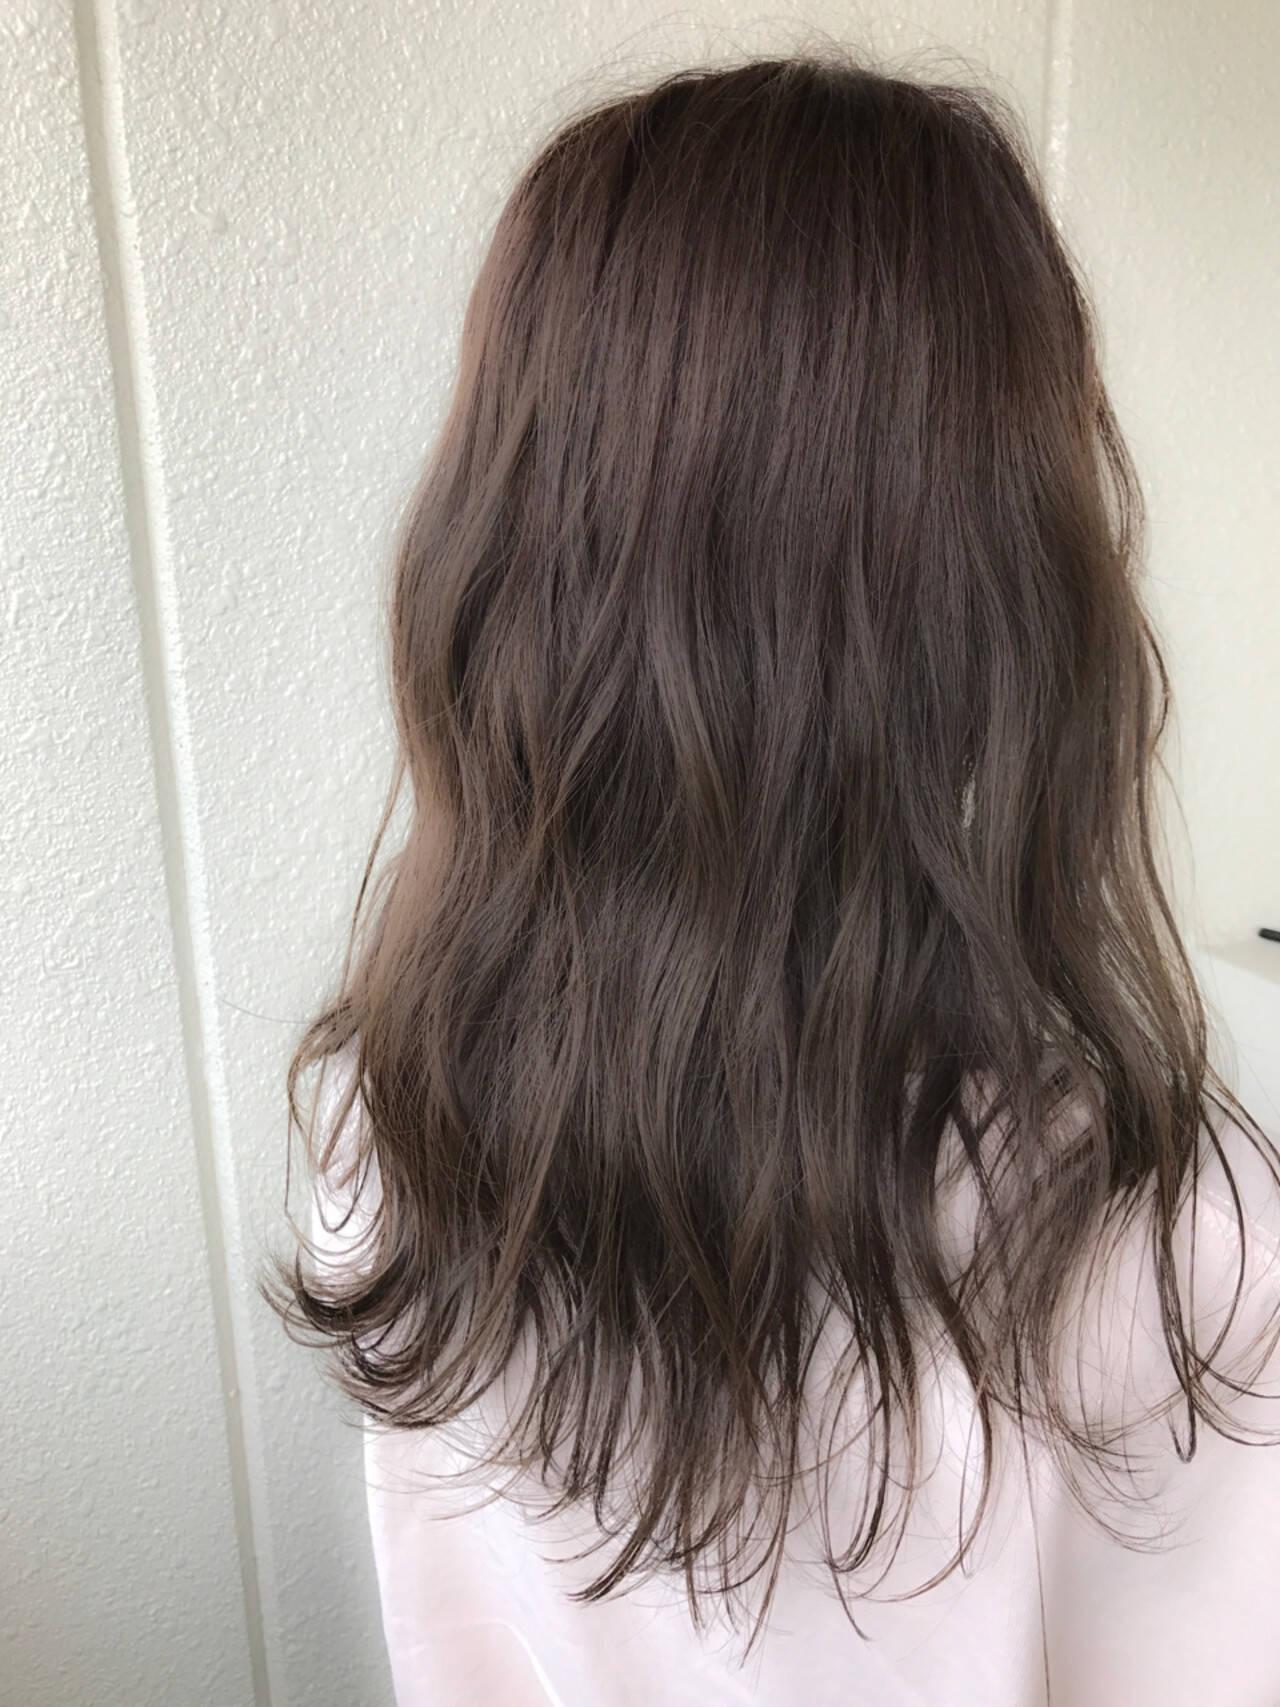 透明感 ヘアアレンジ デート リラックスヘアスタイルや髪型の写真・画像